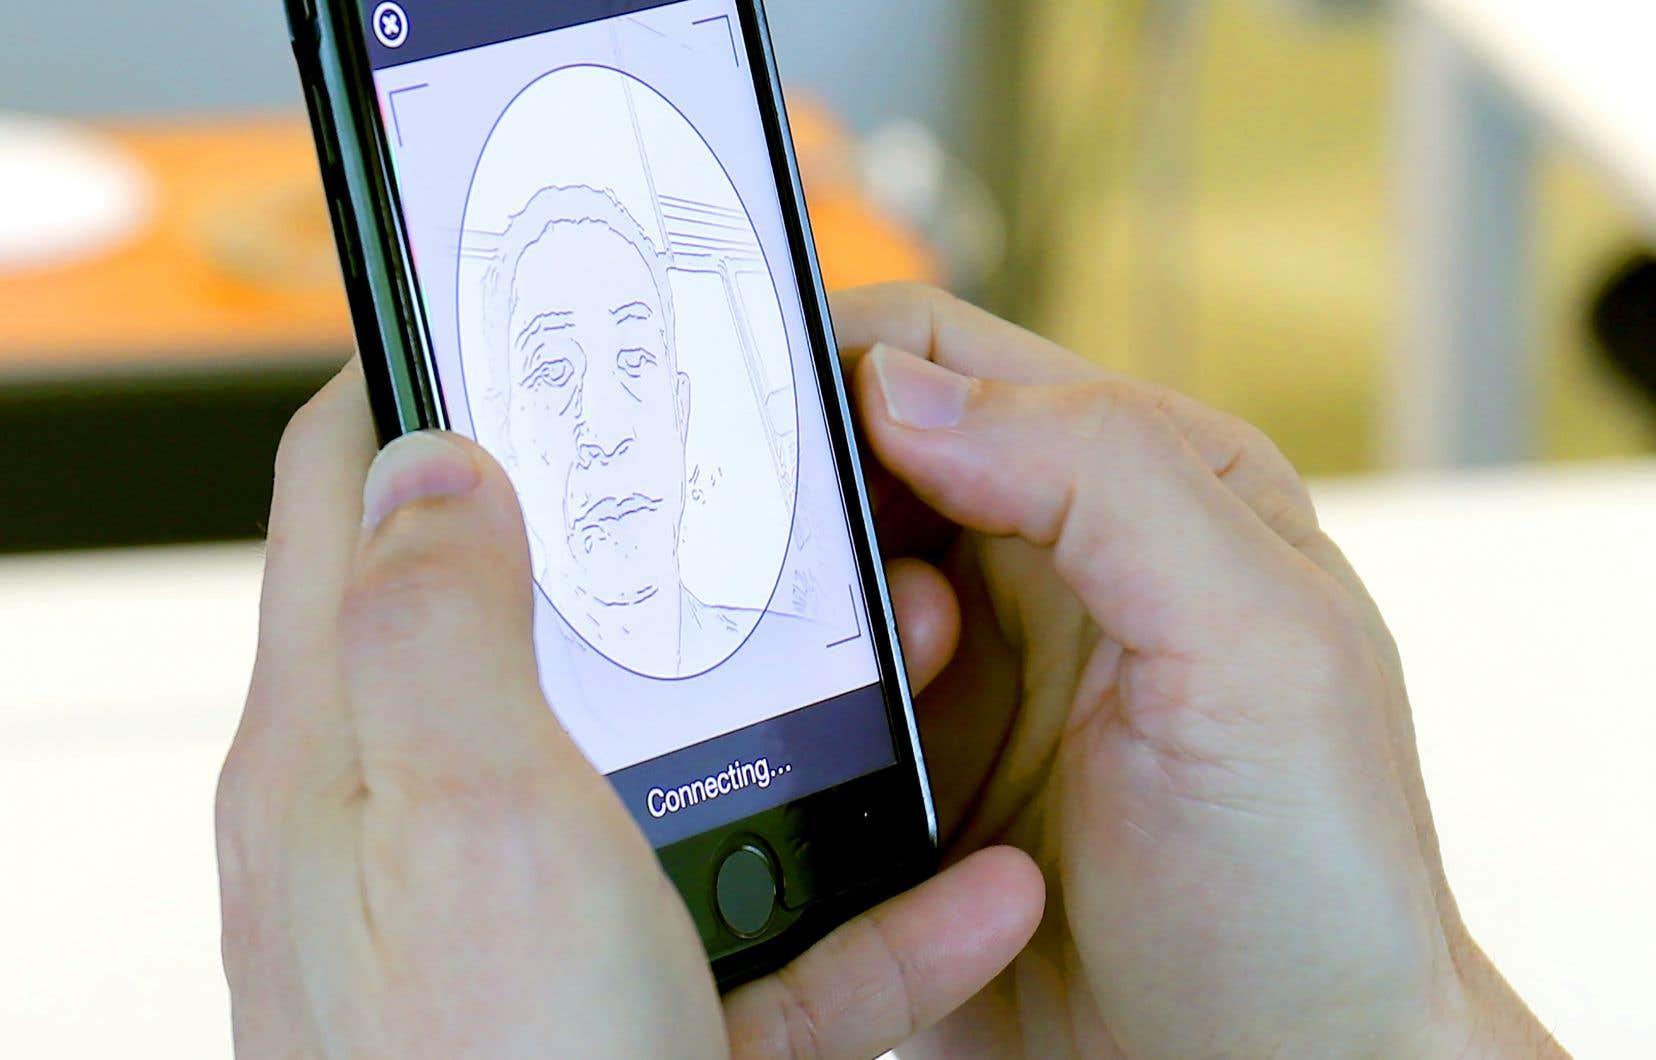 Lee Sea Lin, directeur de l'innovation chez Toppan Ecquaria, une entreprise qui a collaboré avec l'agence gouvernementale GovTech, teste la technologie de reconnaissance faciale sur un téléphone cellulaire, à Singapour.